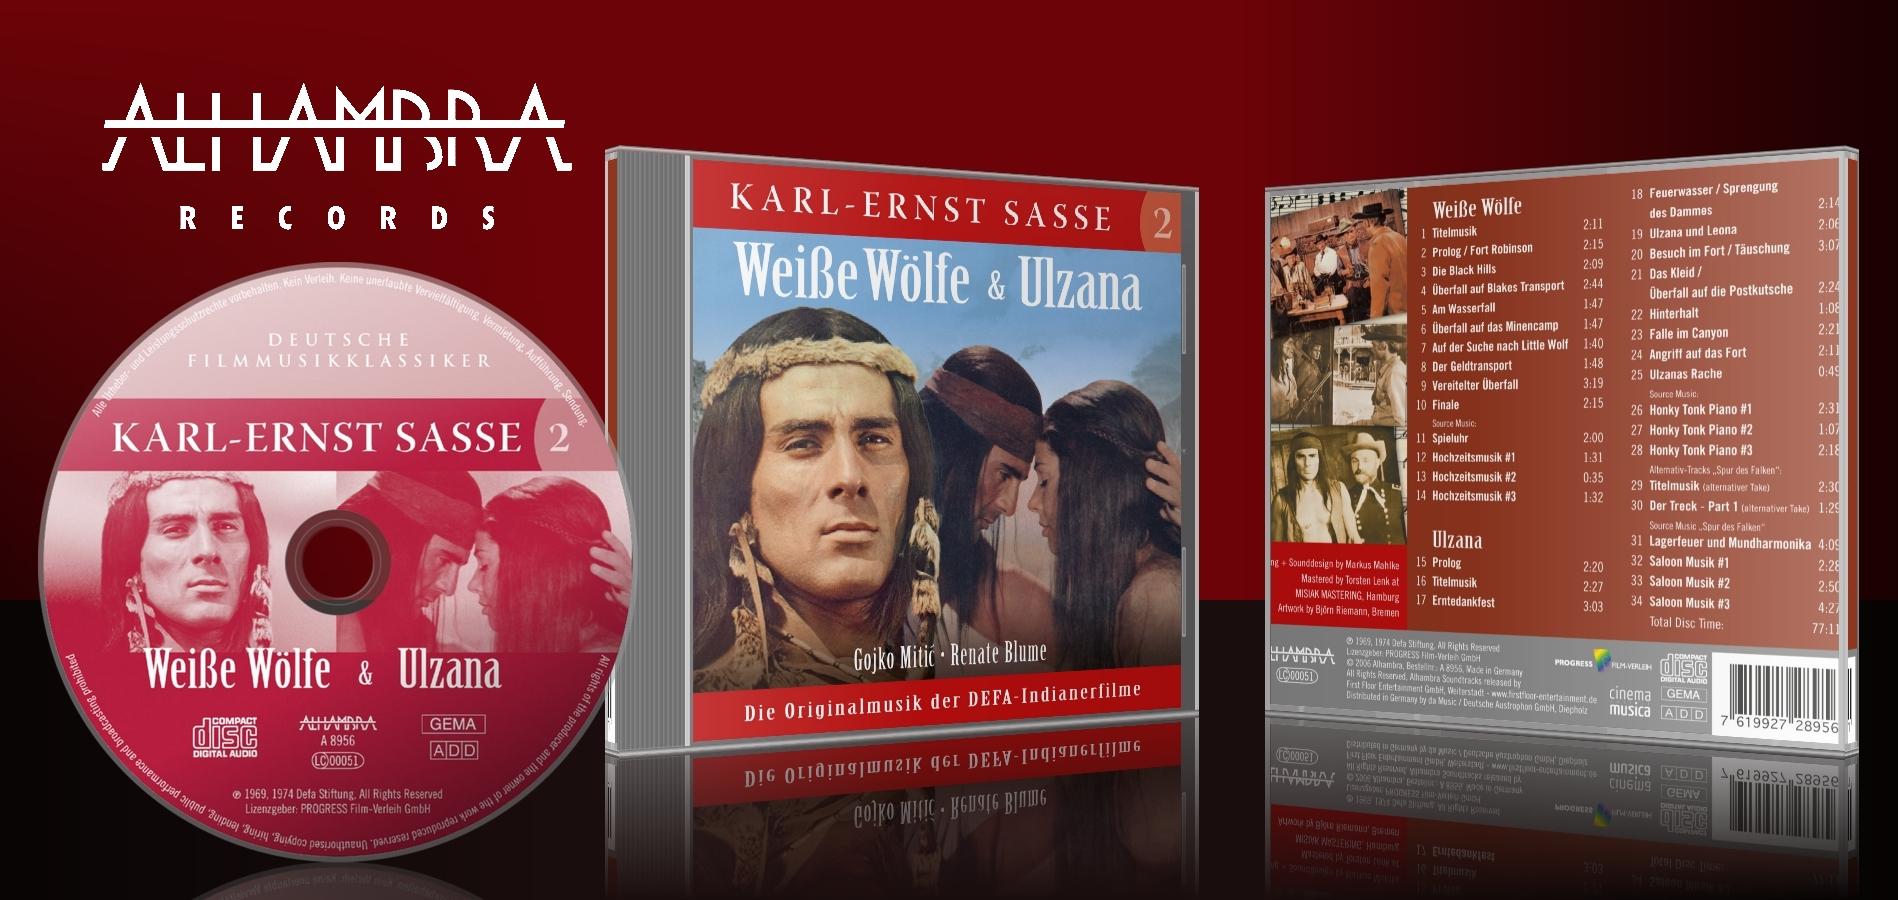 Karl-Ernst Sasse 2 – Weisse Wölfe & Ulzana